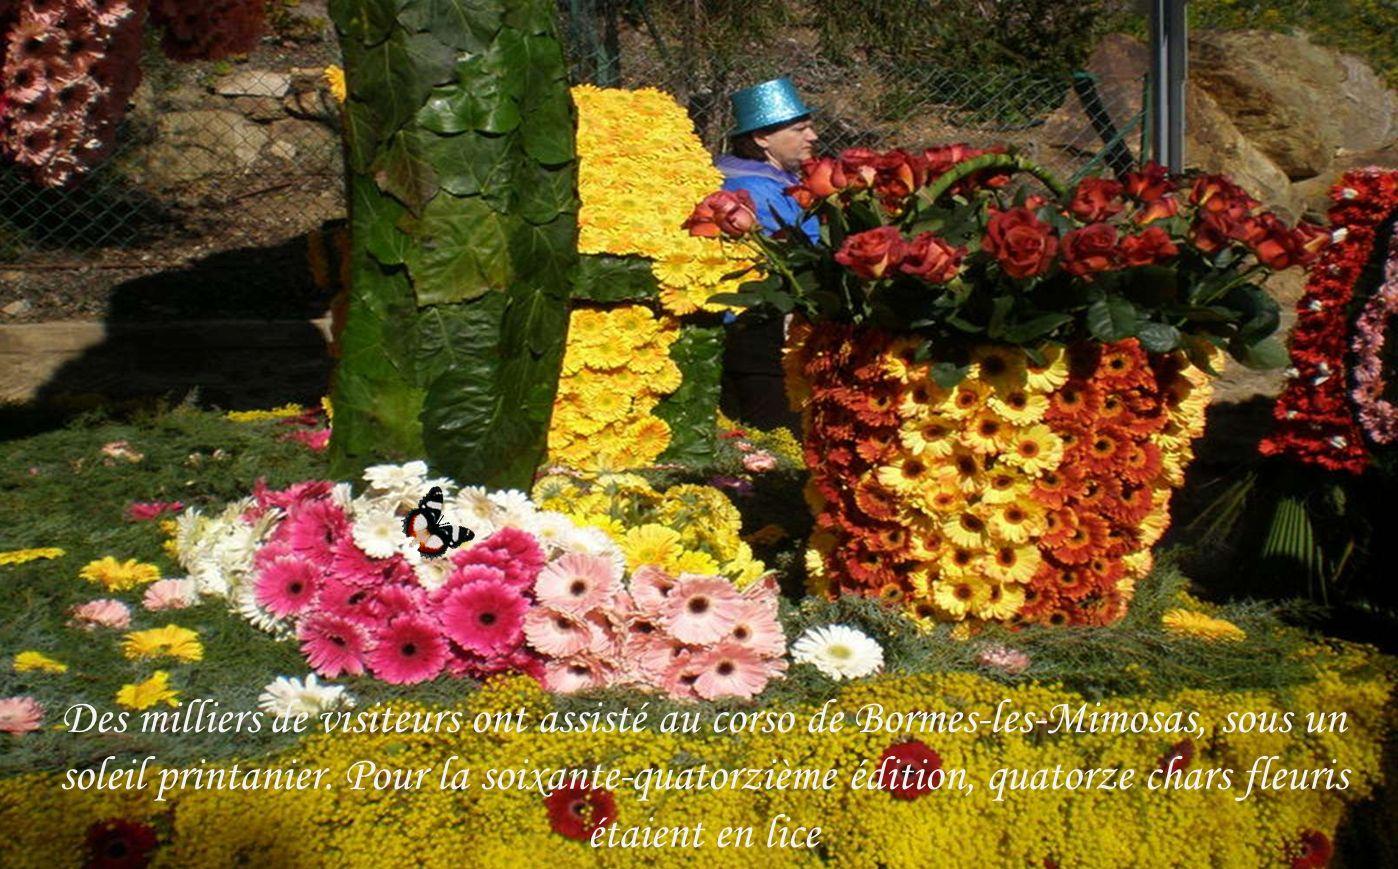 Des milliers de visiteurs ont assisté au corso de Bormes-les-Mimosas, sous un soleil printanier.